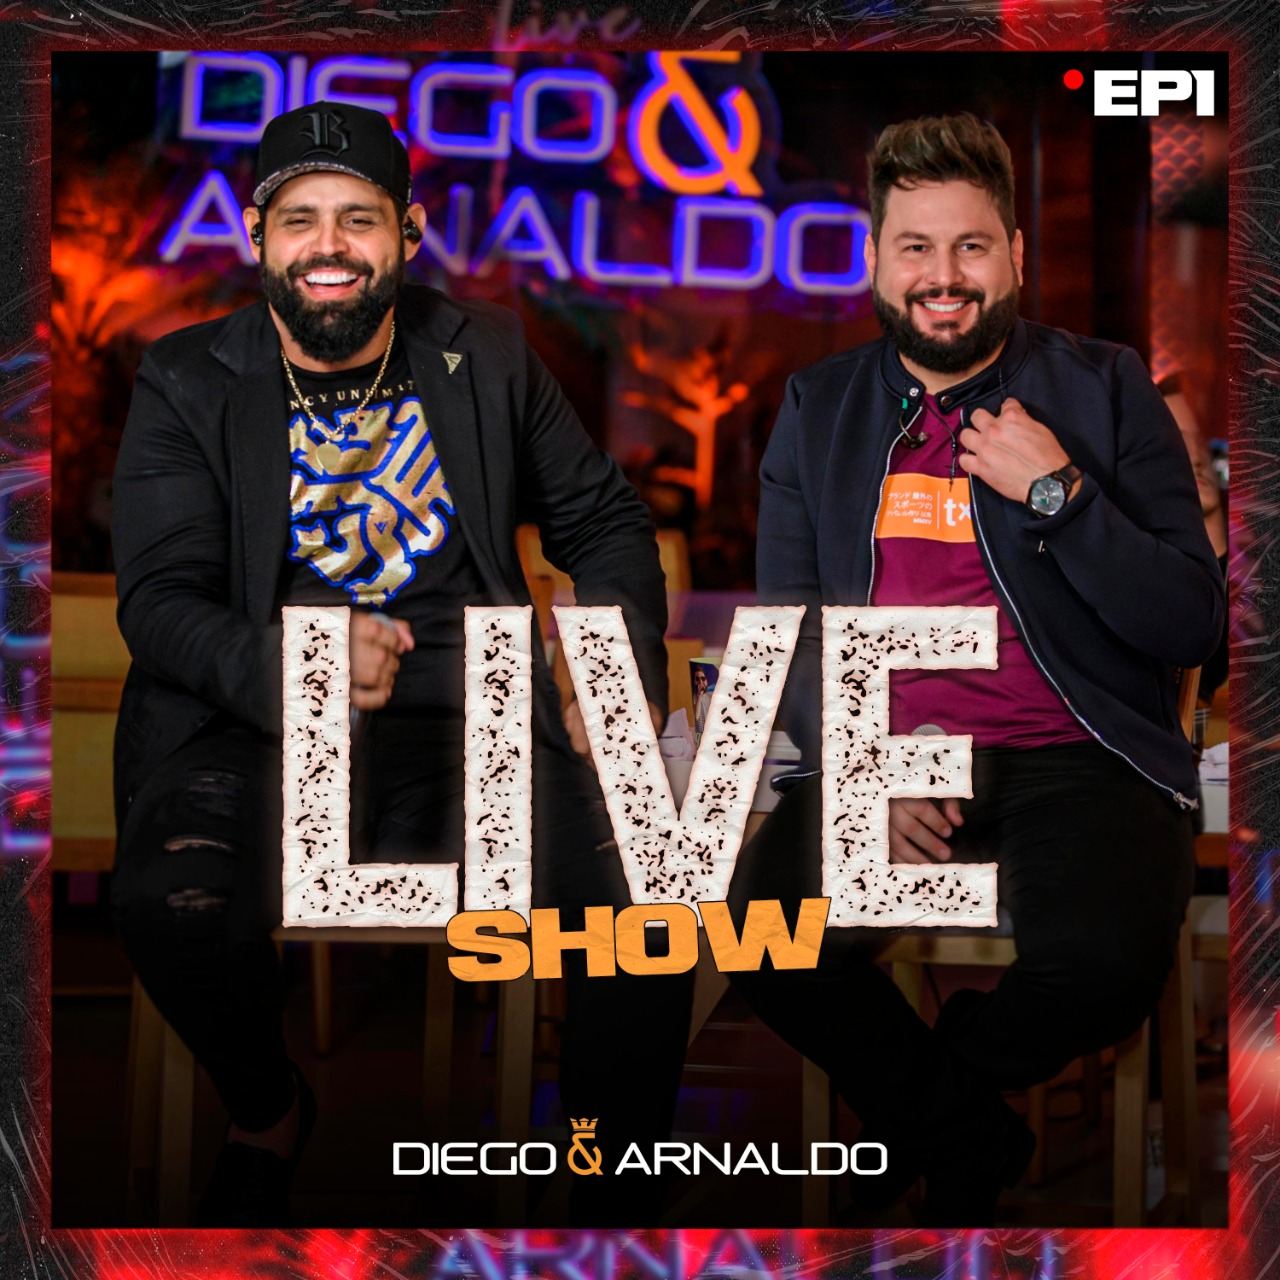 Diego e Arnaldo dão start em lançamento de DVD 42